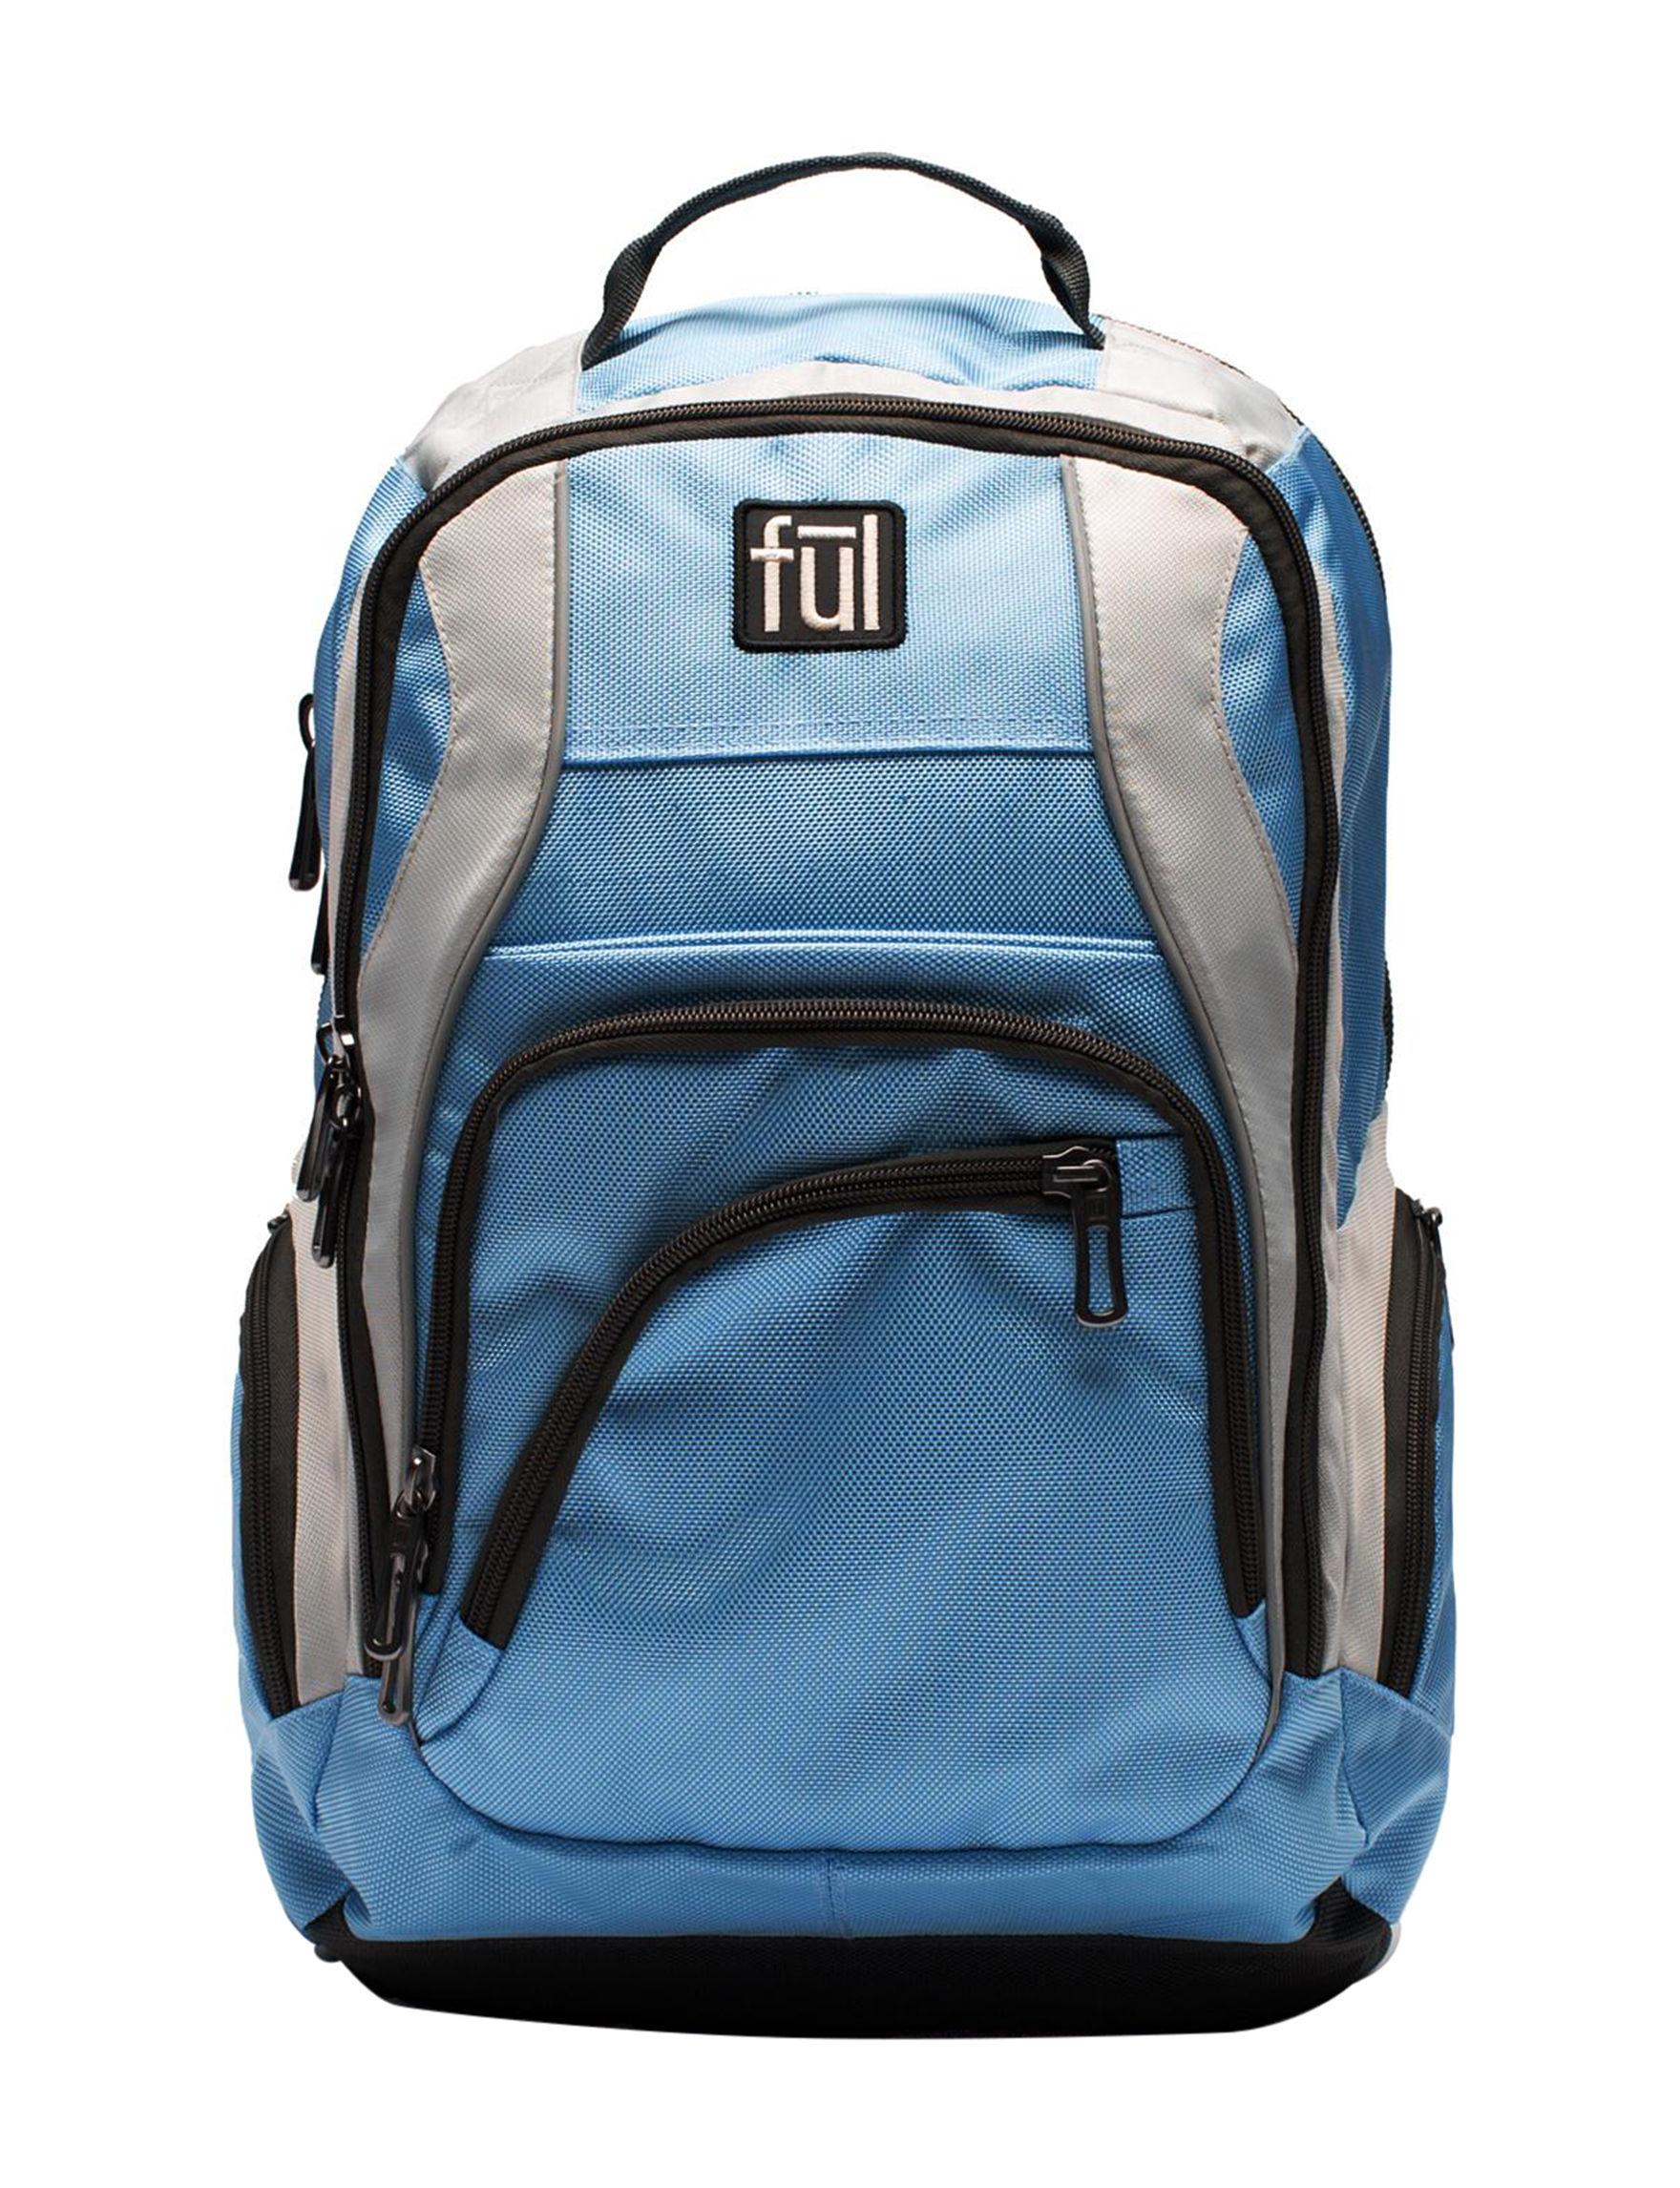 Ful Light Blue Bookbags & Backpacks Laptop & Messenger Bags